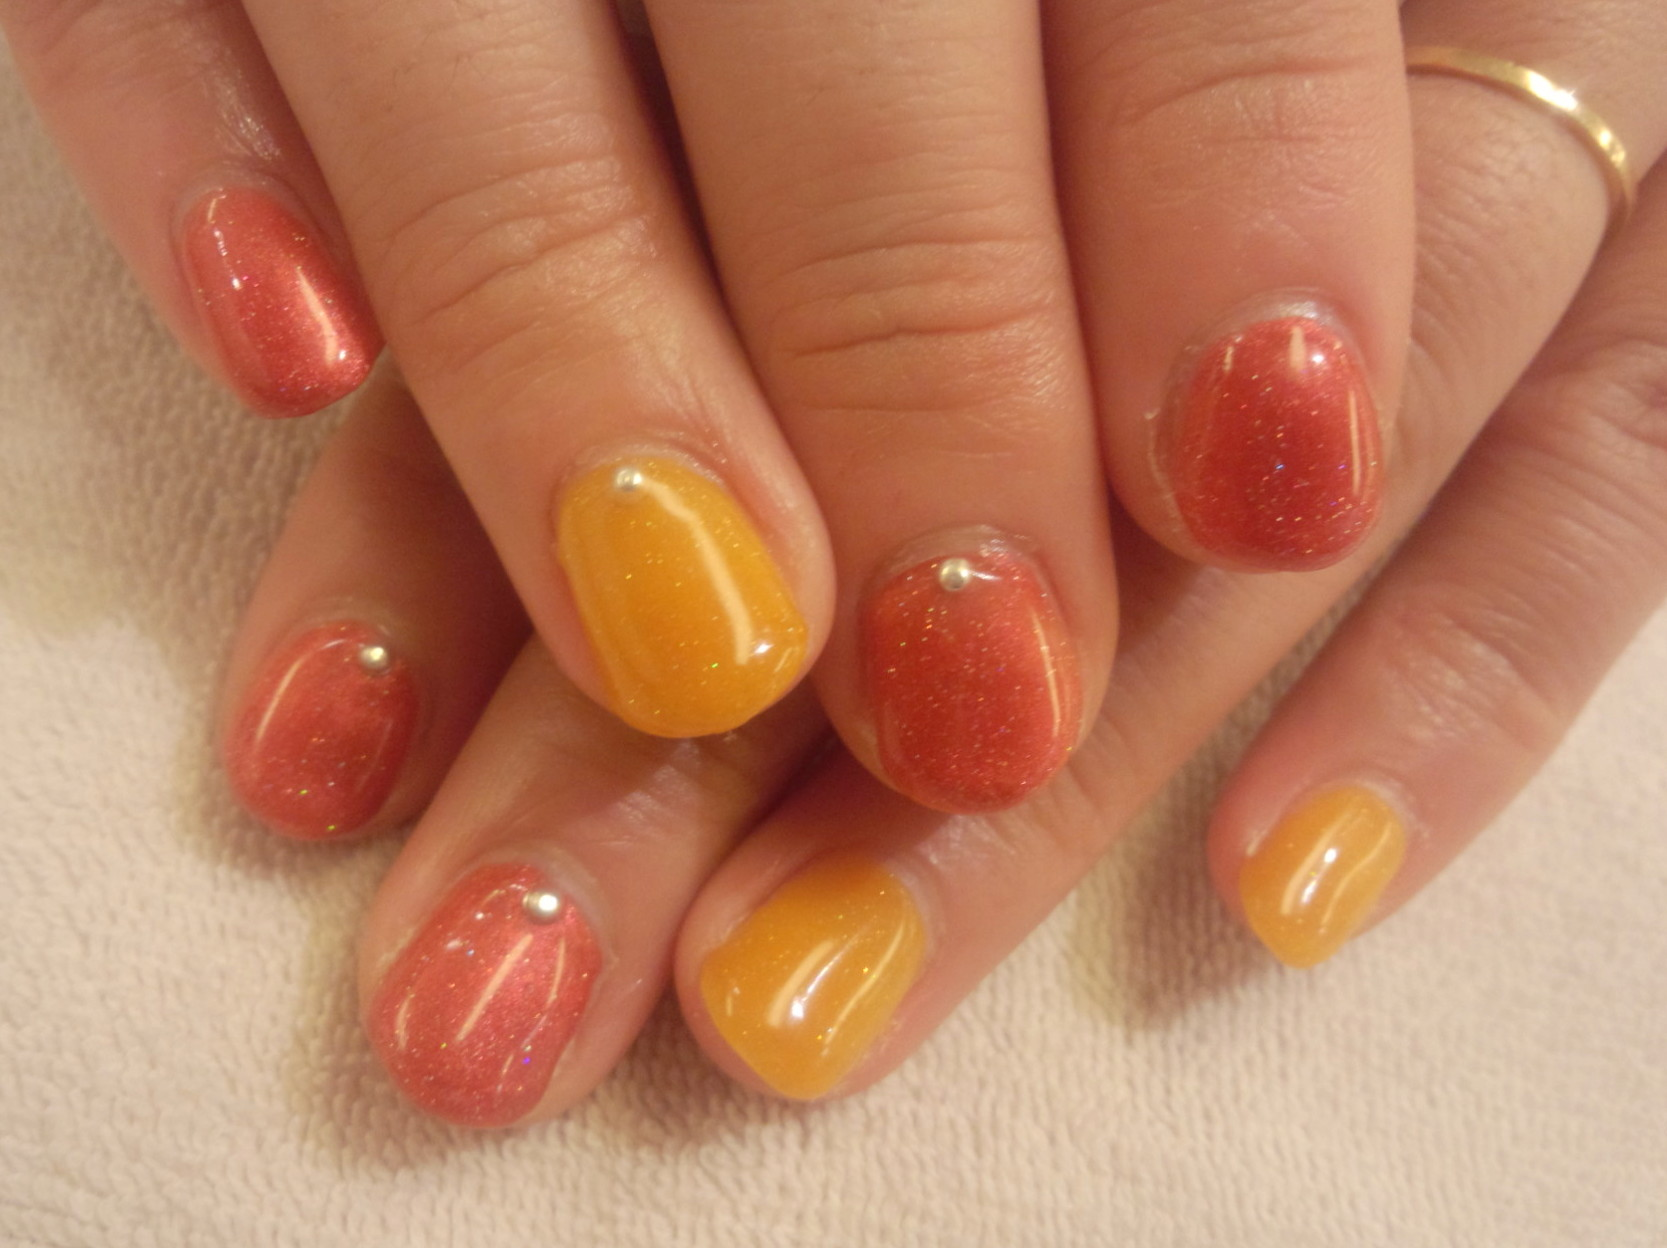 オレンジ 春色カラー ジェルネイル バイカラーネイル ネイルデイン オレンジネイル ネイル画像 エレガント ネイルデザイン ジェルネイル画像